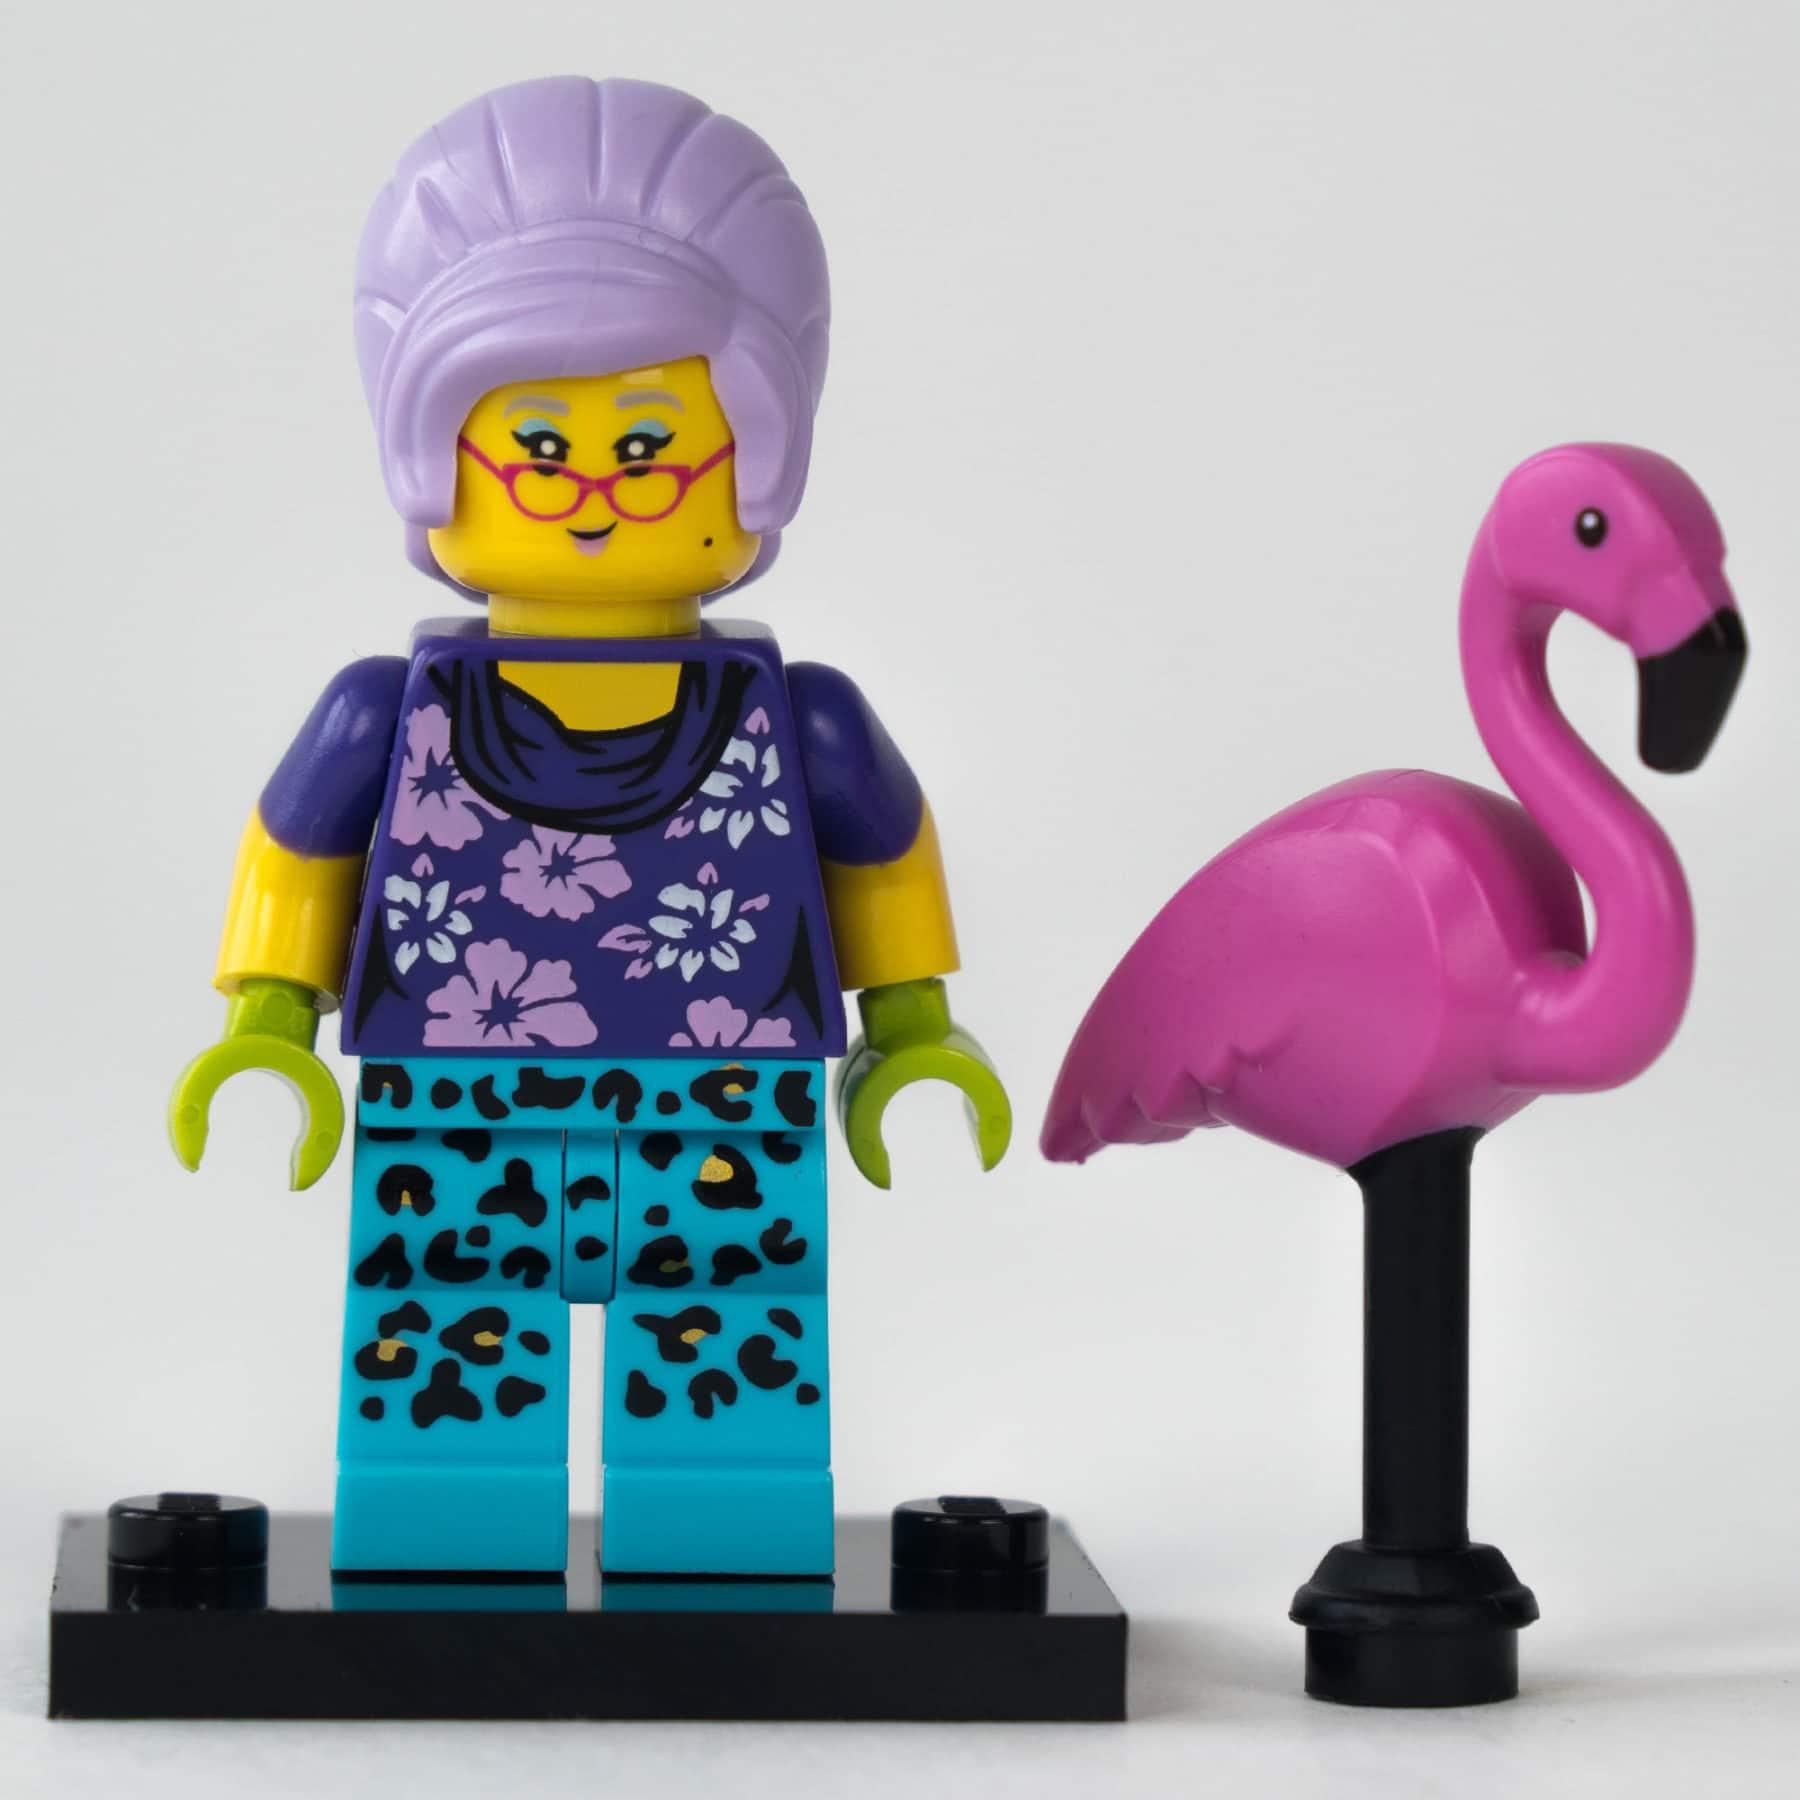 LEGO 71025 Minifigur: Hippie-Oma